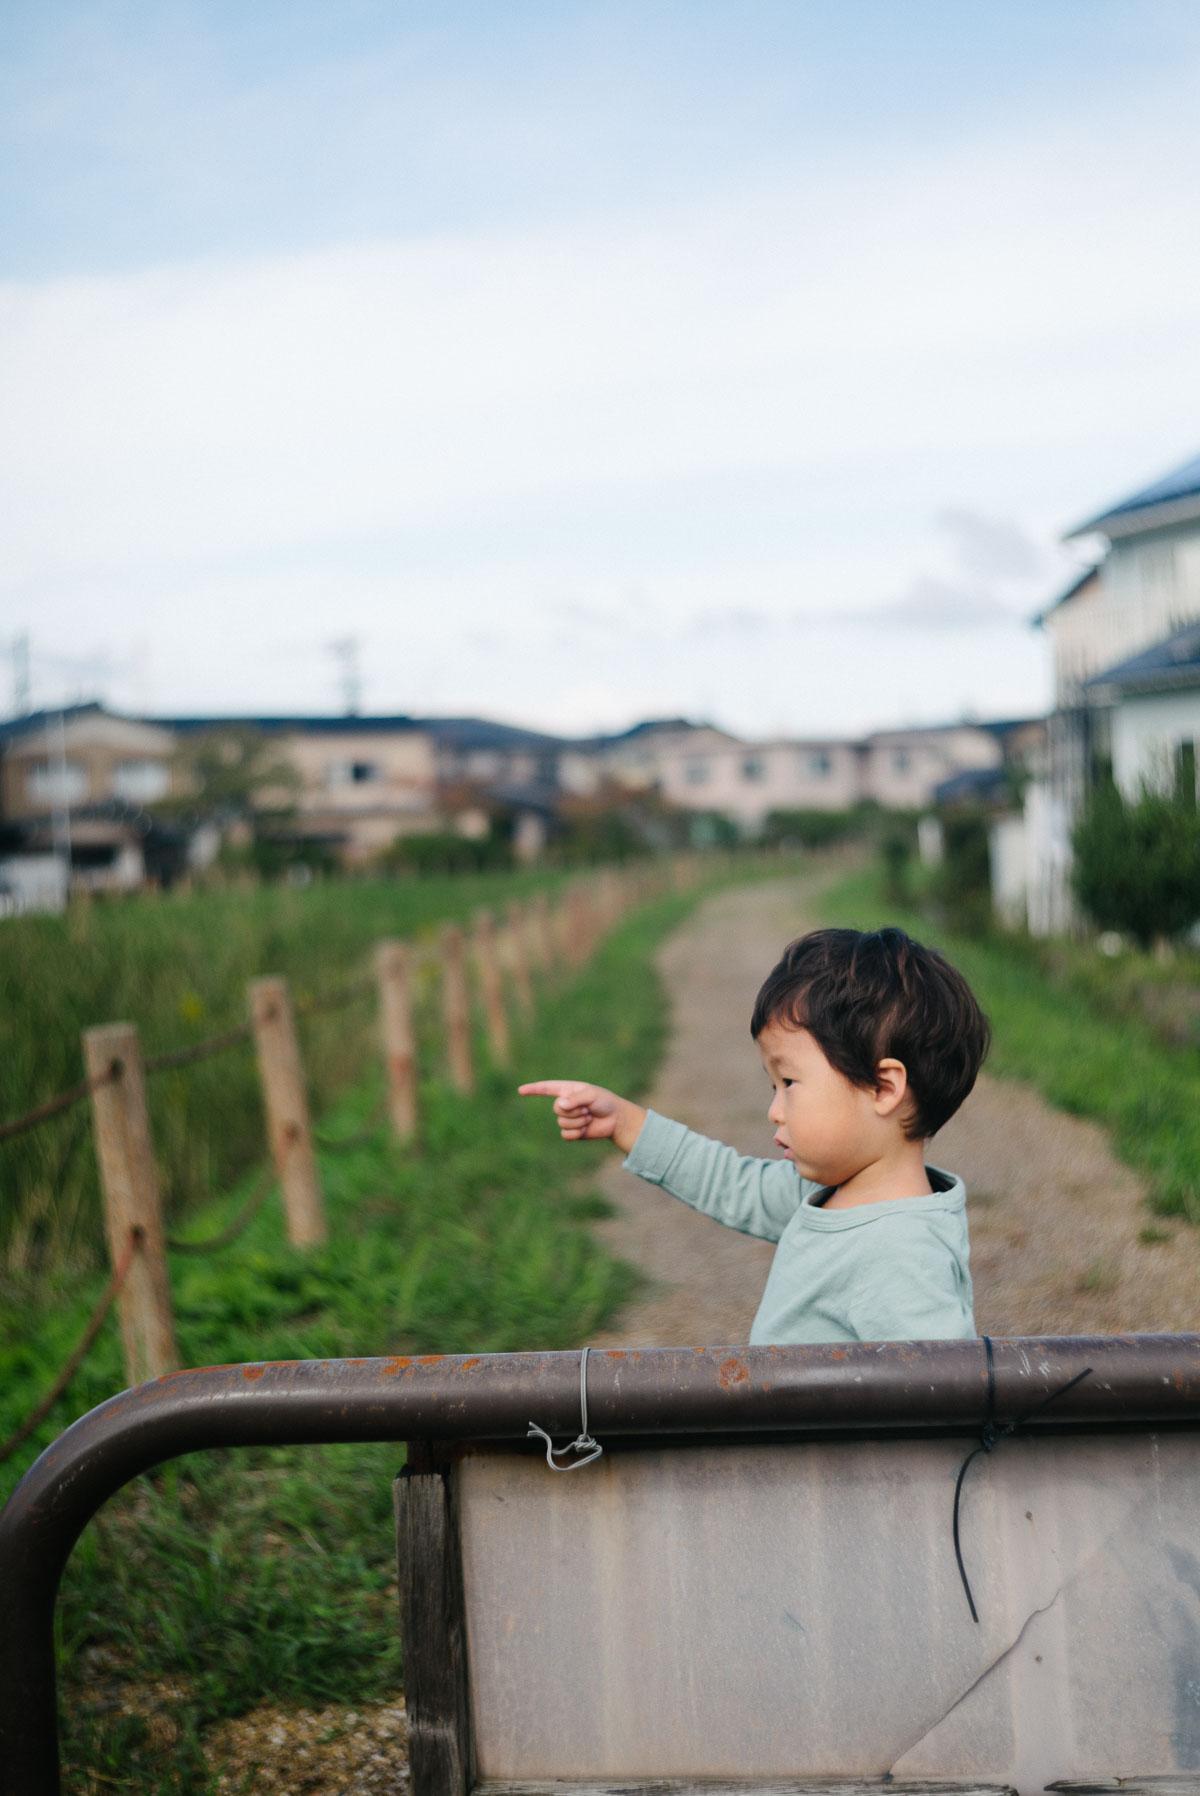 金沢で電車を眺めるタイチ